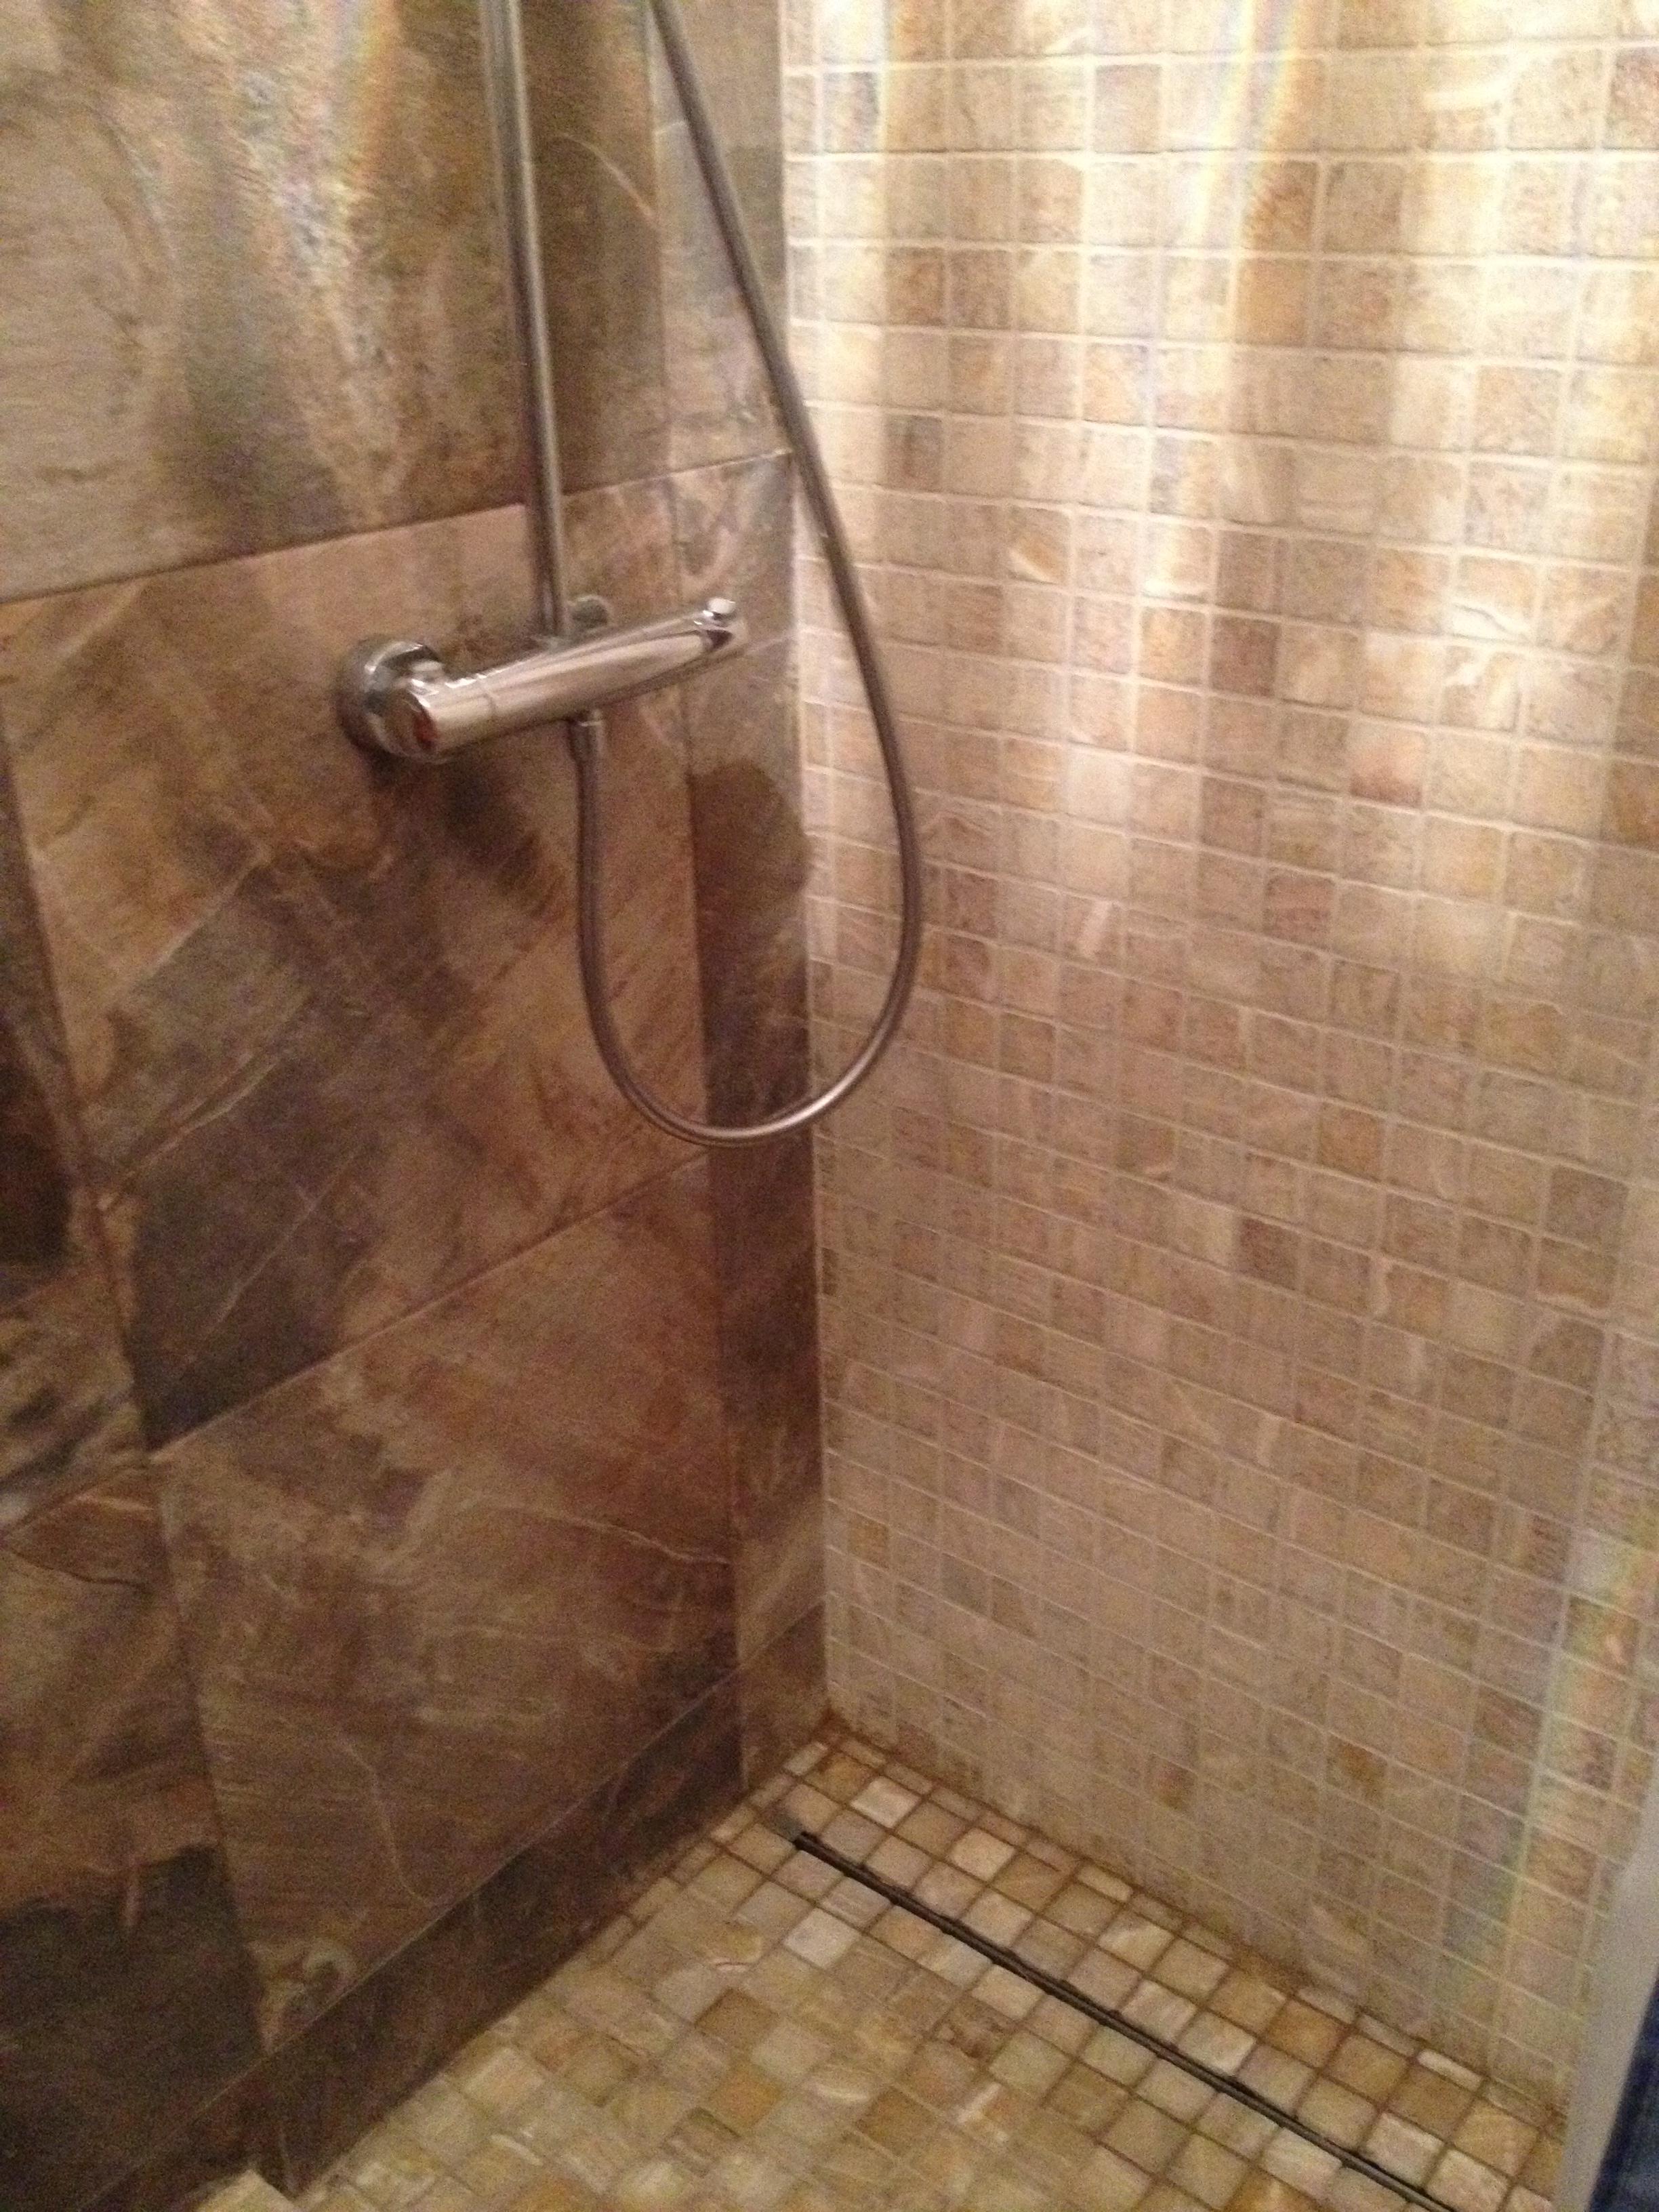 Крупноформатная керамогранитная плитка 60 х 60 см в сочетании с мраморной мозаикой — удачное решение для маленького санузла.